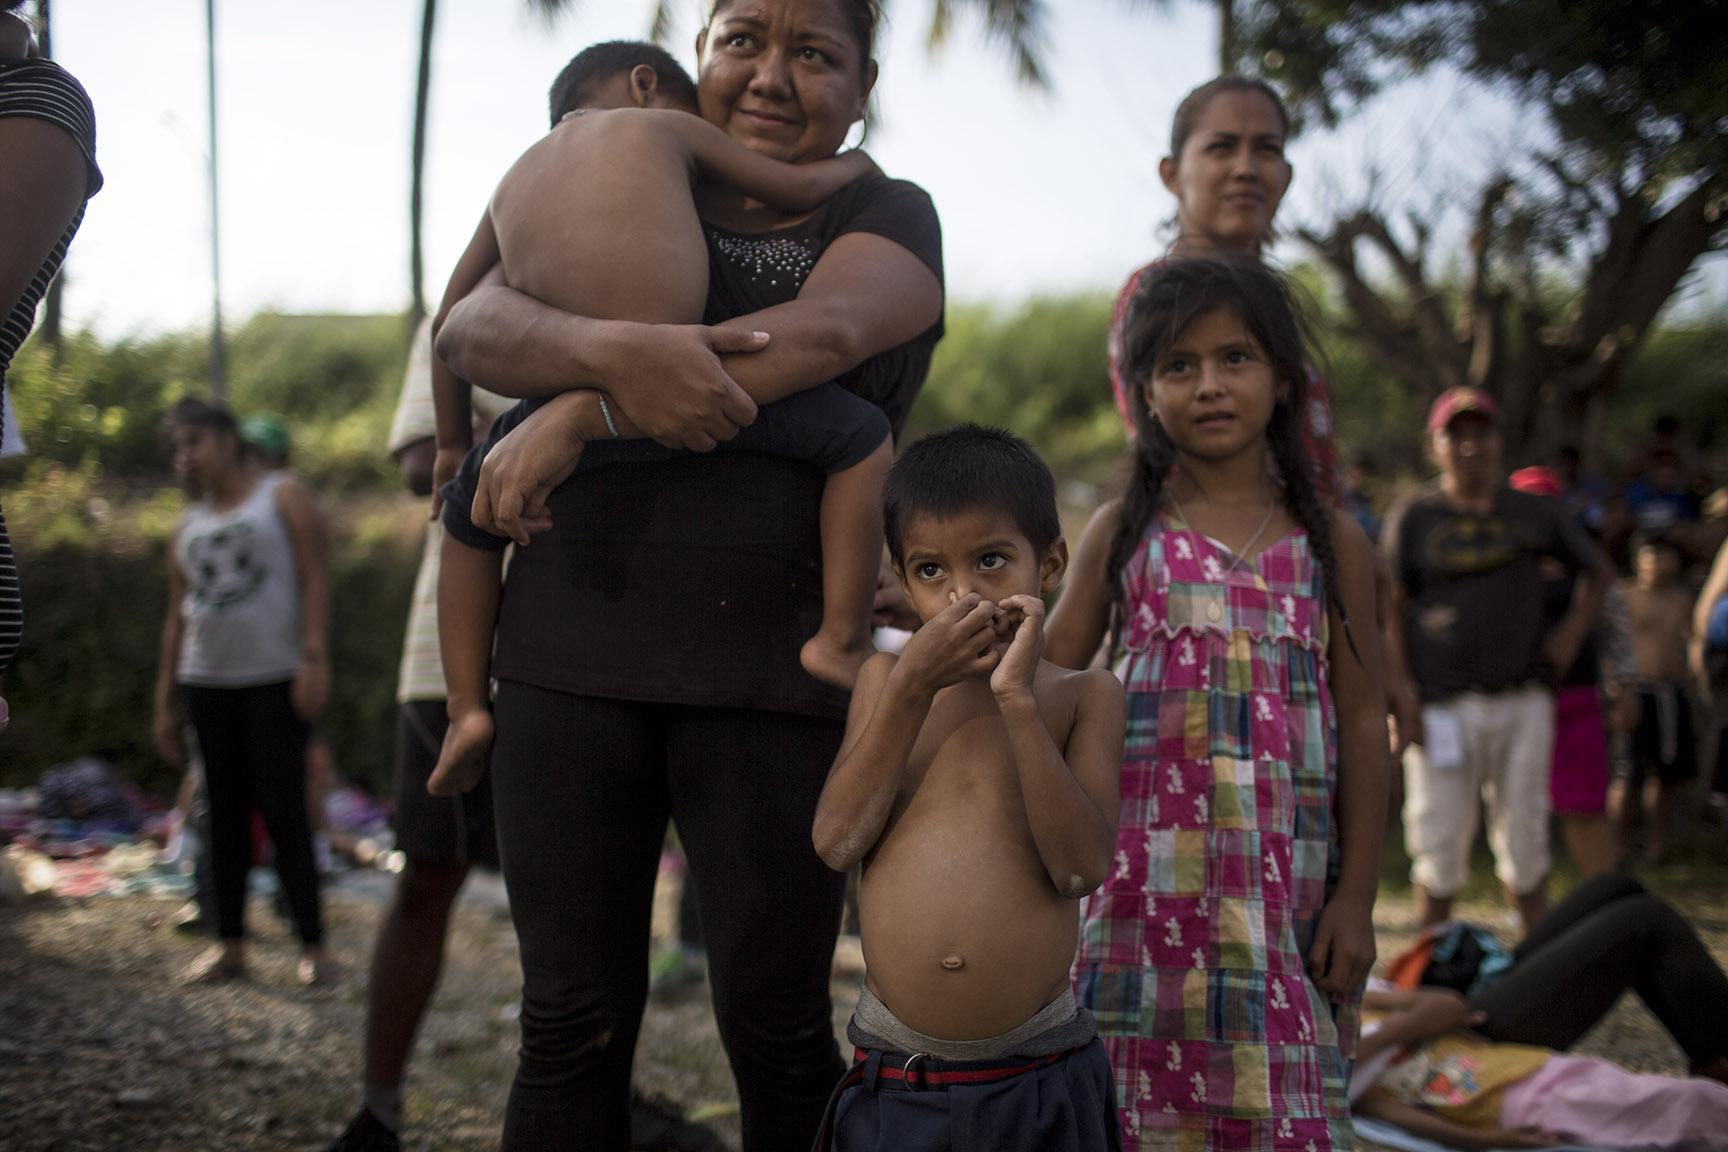 Jotehb, 5, junto con su mamá y dos hermanos, originarios de Villanueva, Honduras. Se tapa la nariz para no respirar los gases de la fumigación / Simone Dalmasso